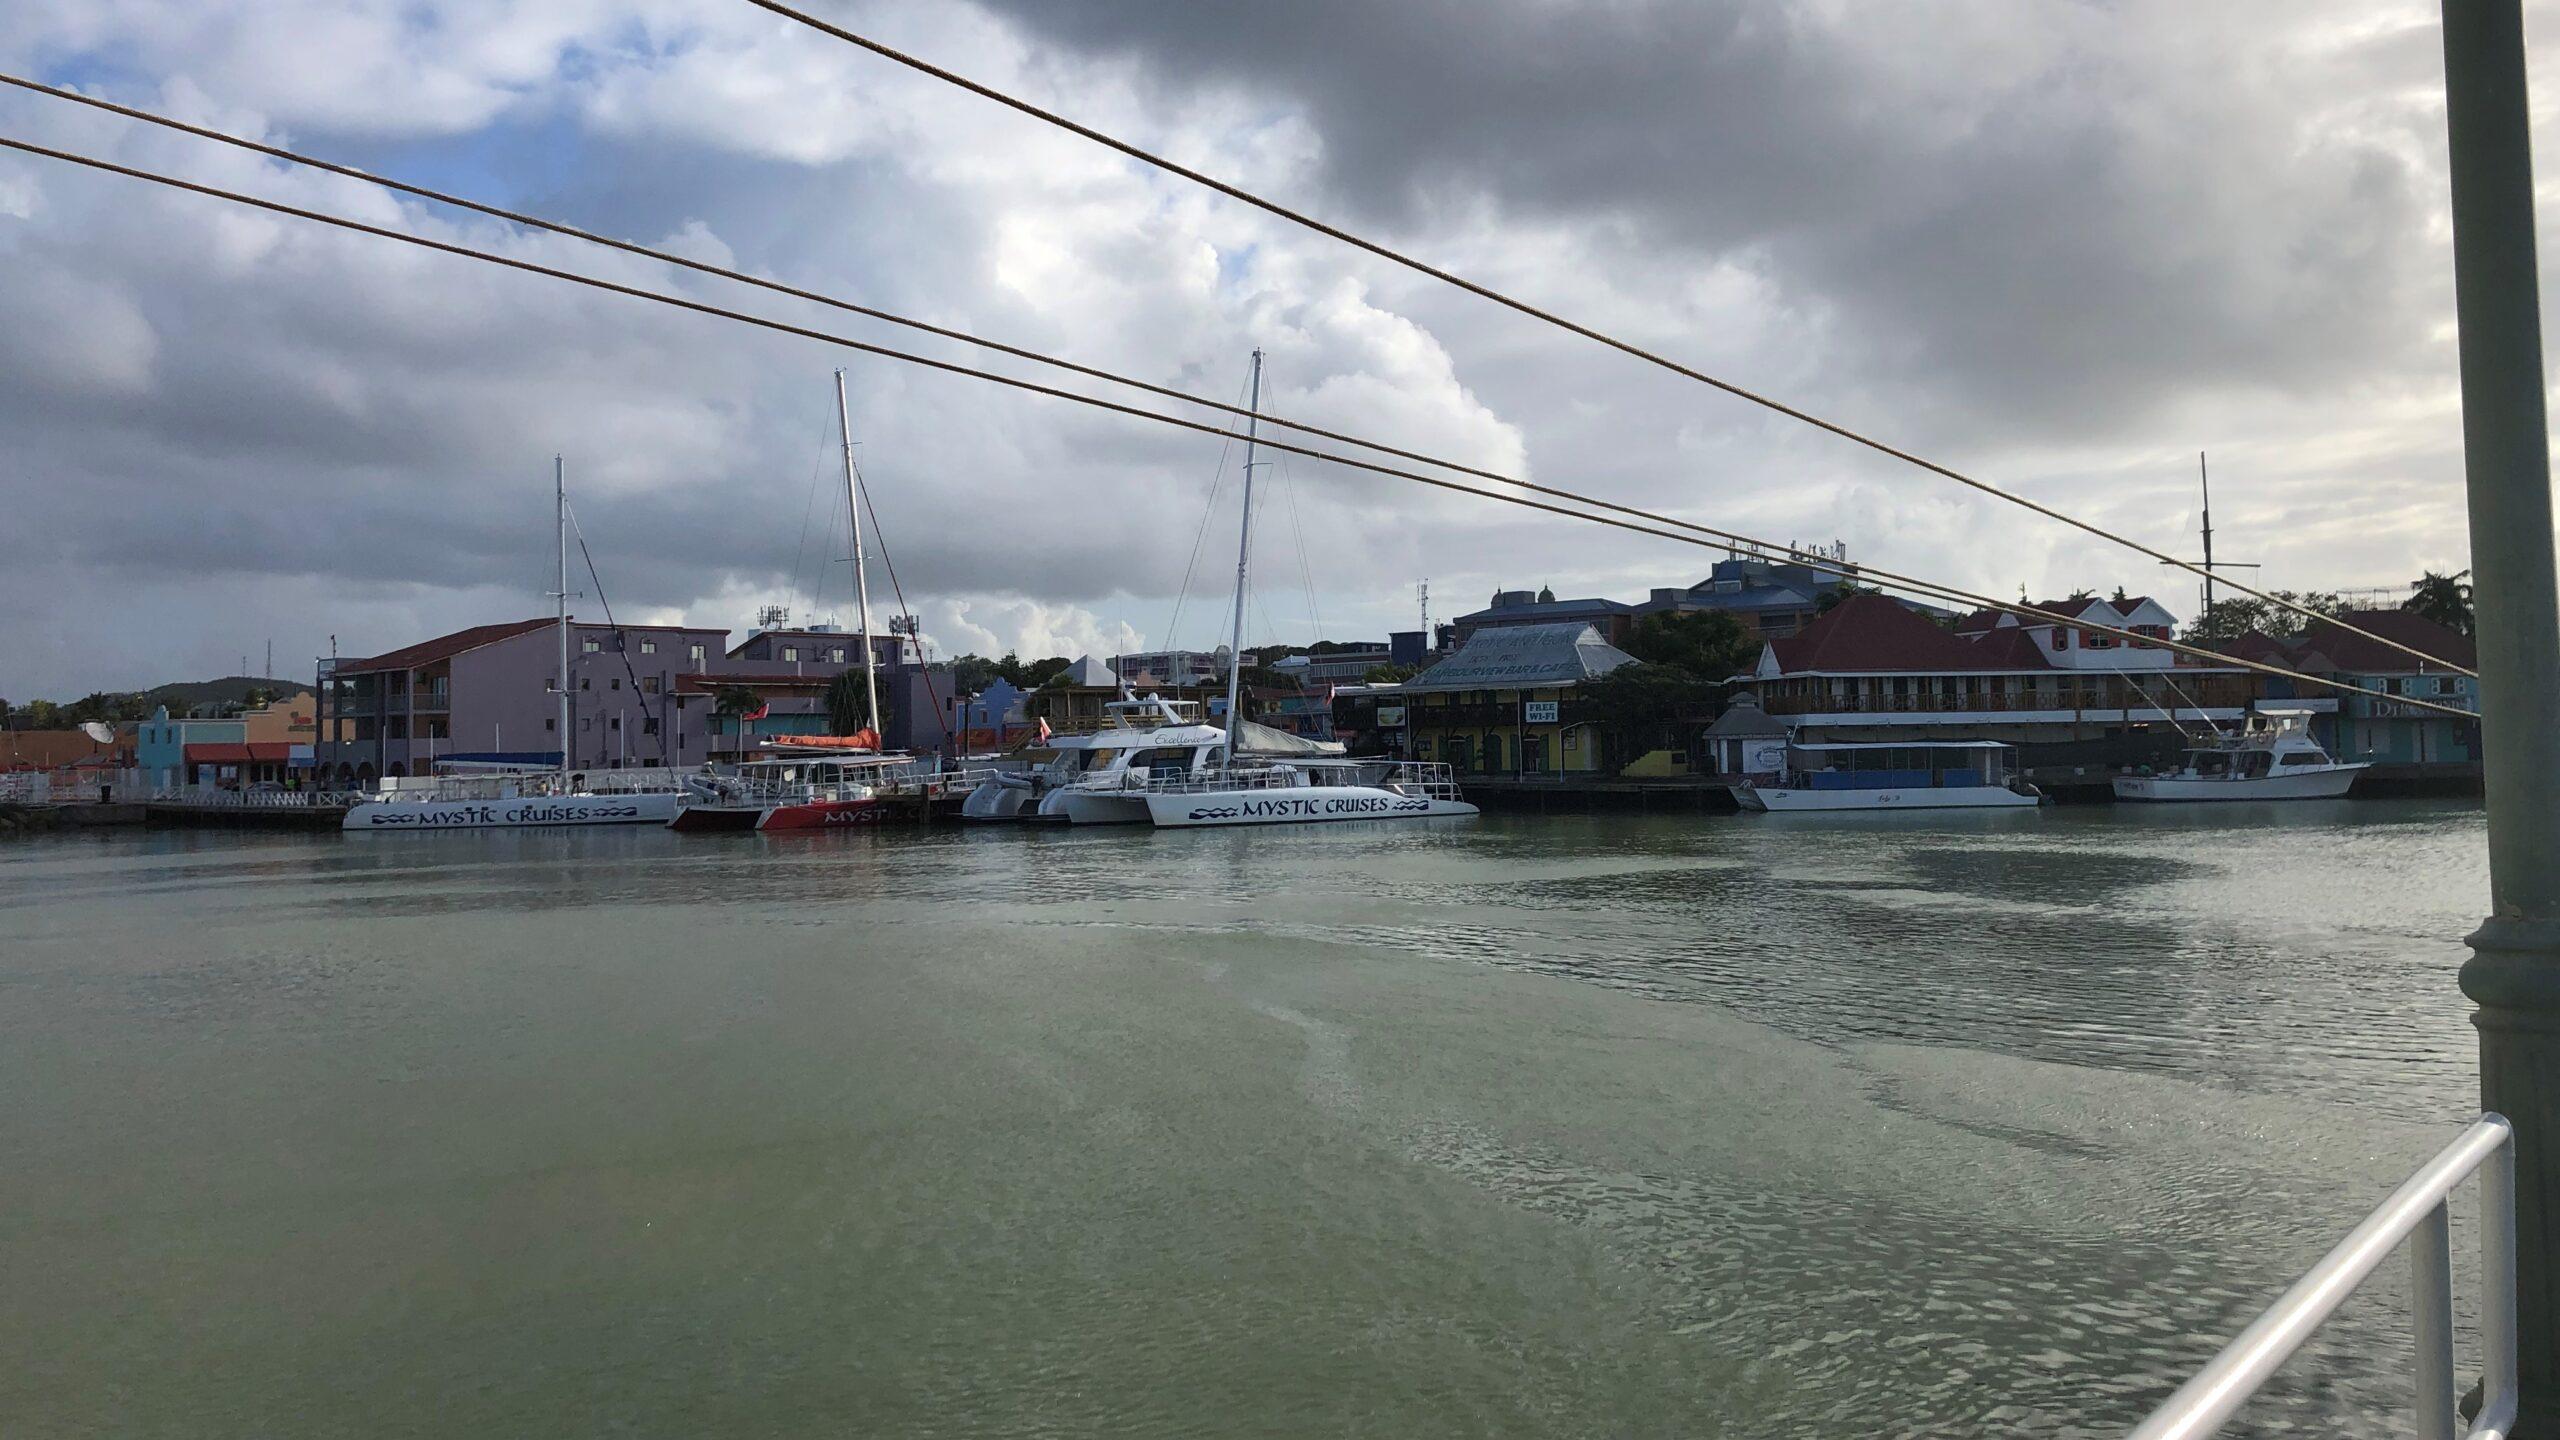 www.crocierenelcuore.it - Antigua